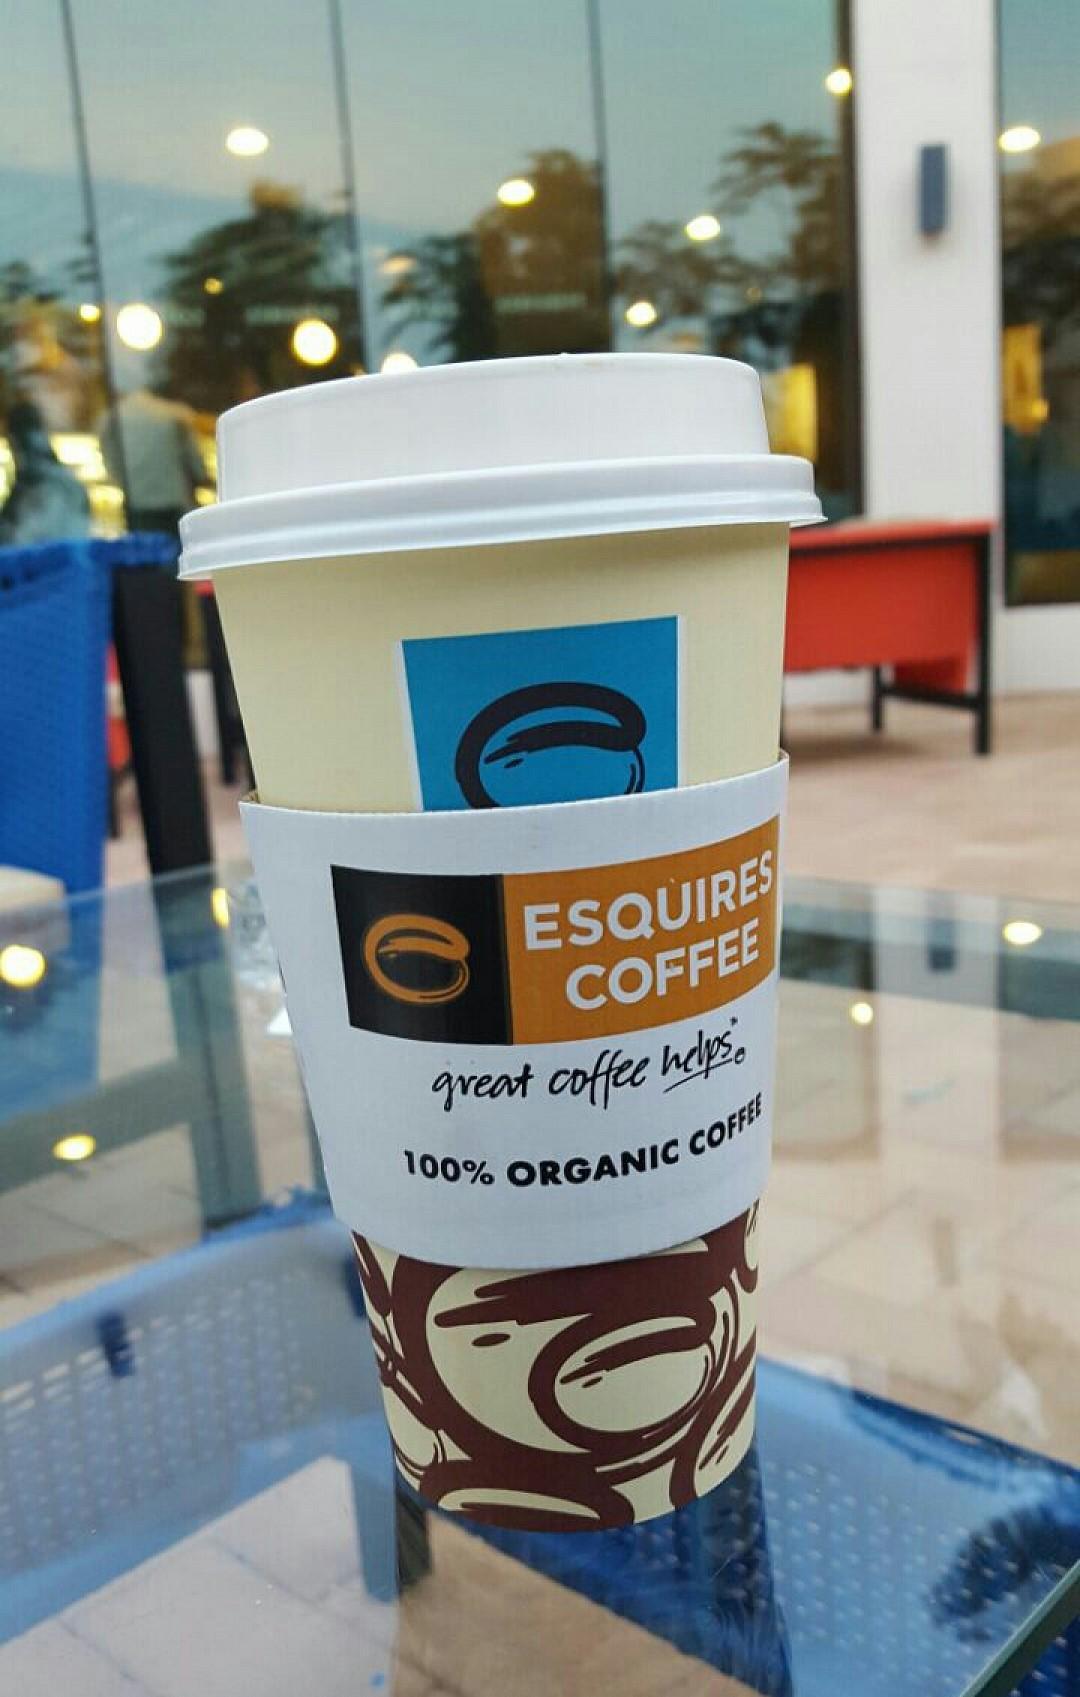 #اسكويرز #كافيه #لاتيه @ Esquires Cafe - Bahrain